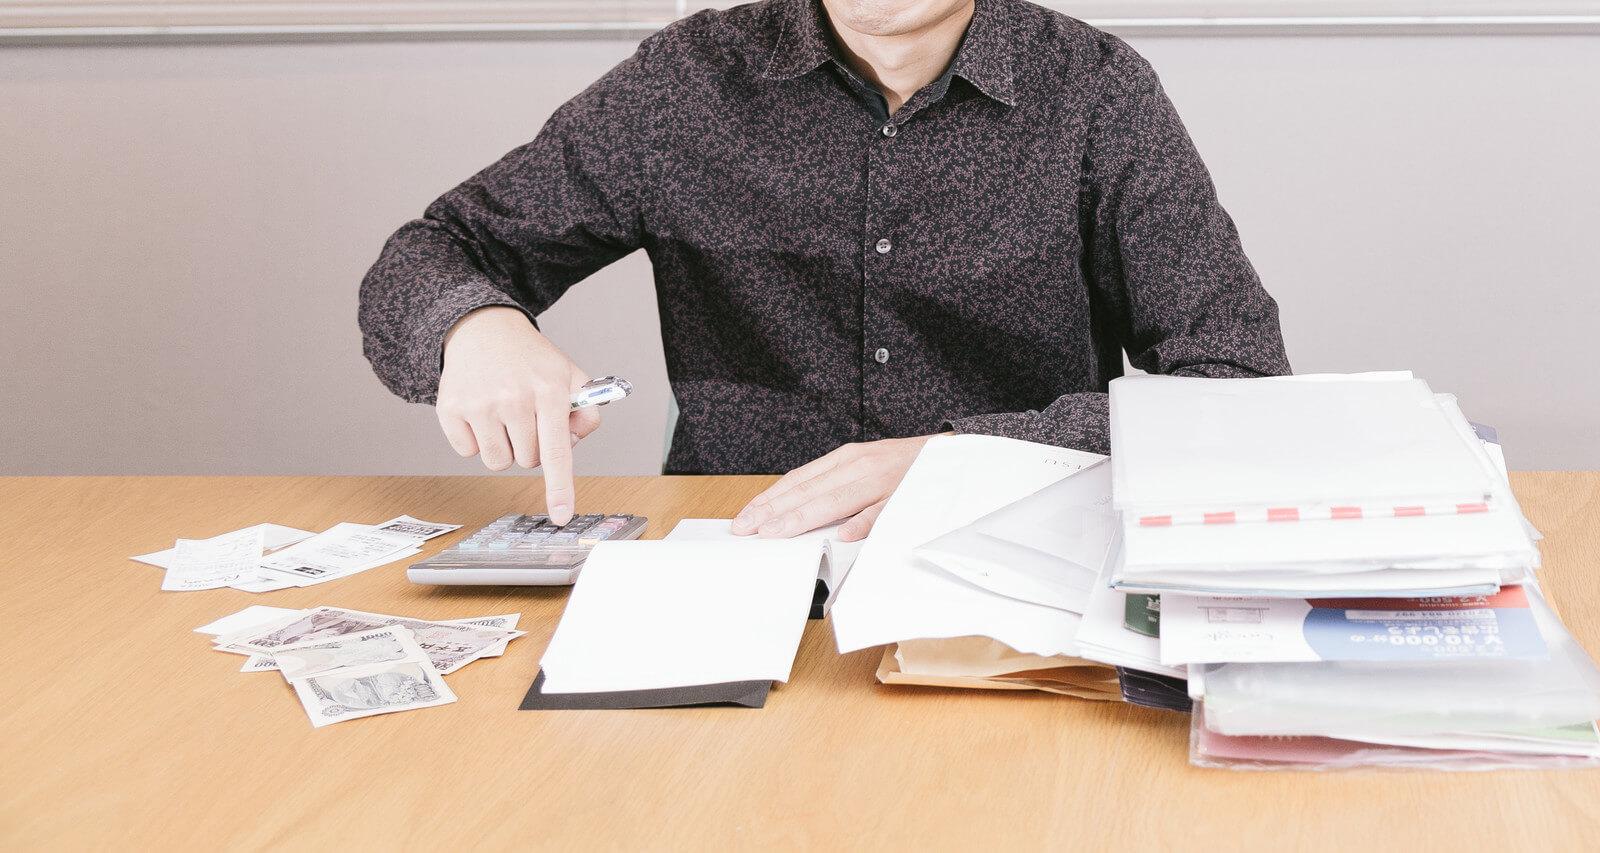 税理士ドットコムの広告掲載料金や特徴を紹介します